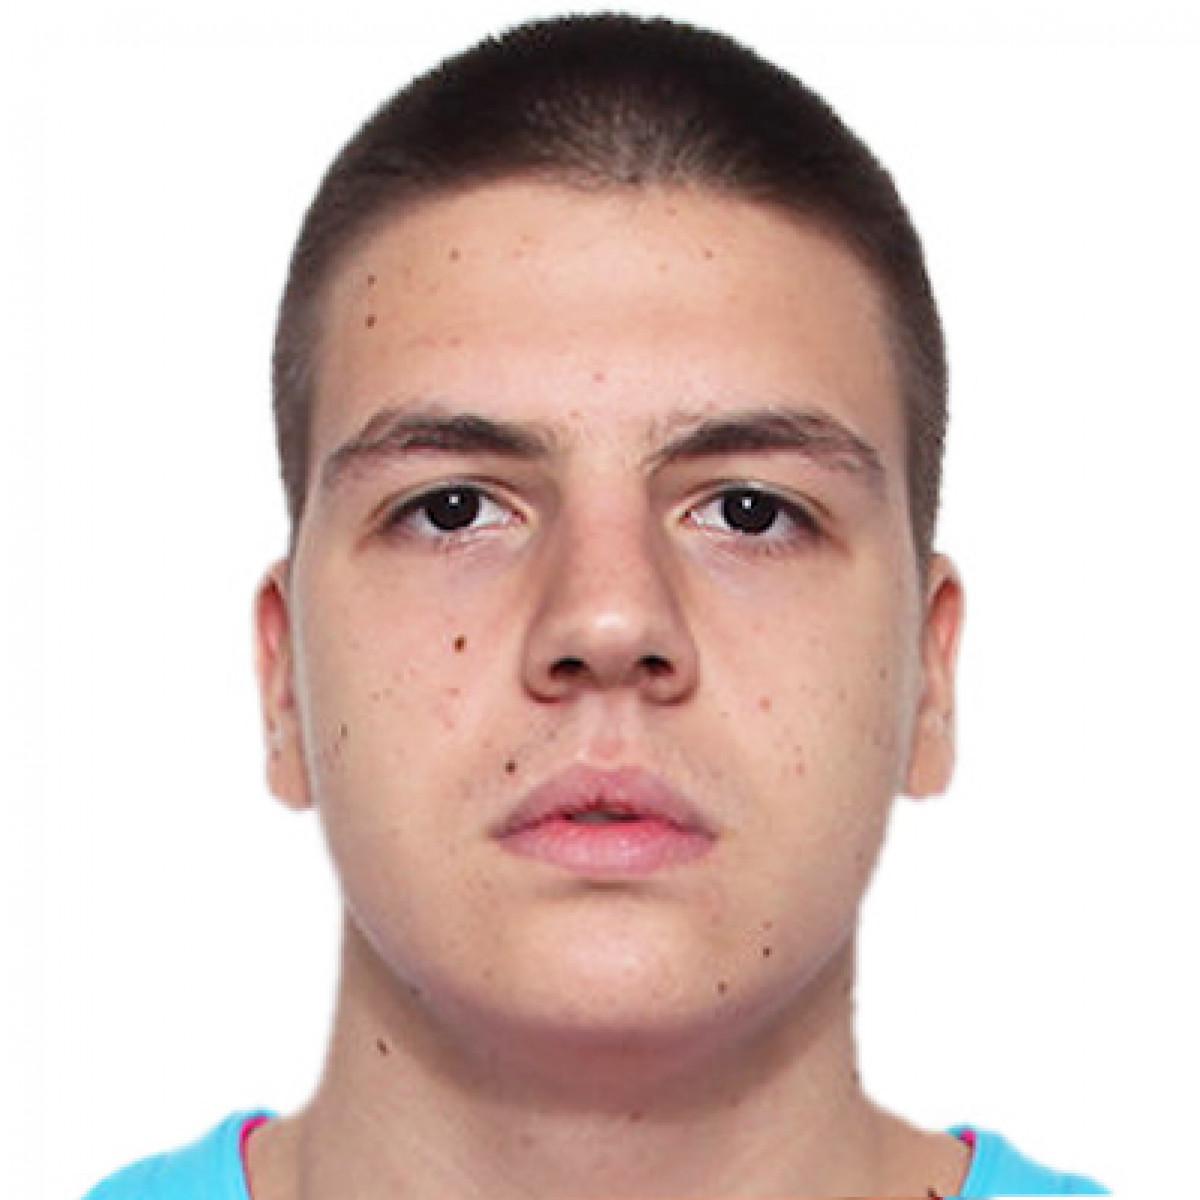 Marko Krtinic